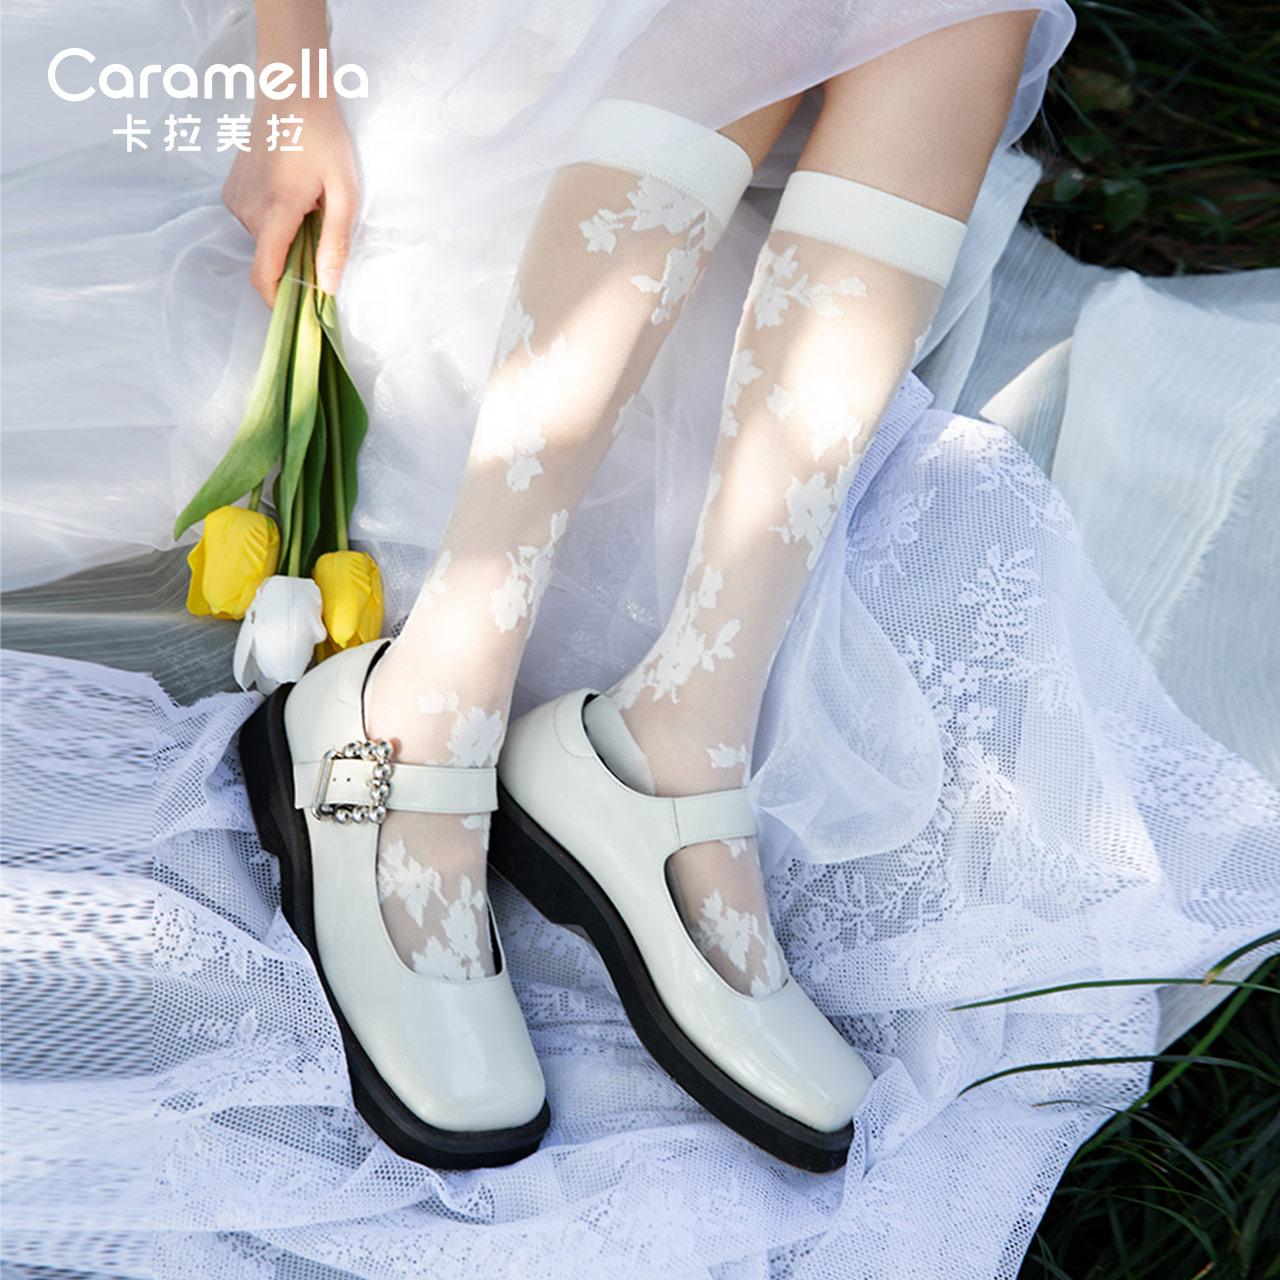 caramella玻璃丝袜子女黑丝洛丽塔袜子jk袜子日系可爱长筒袜白丝